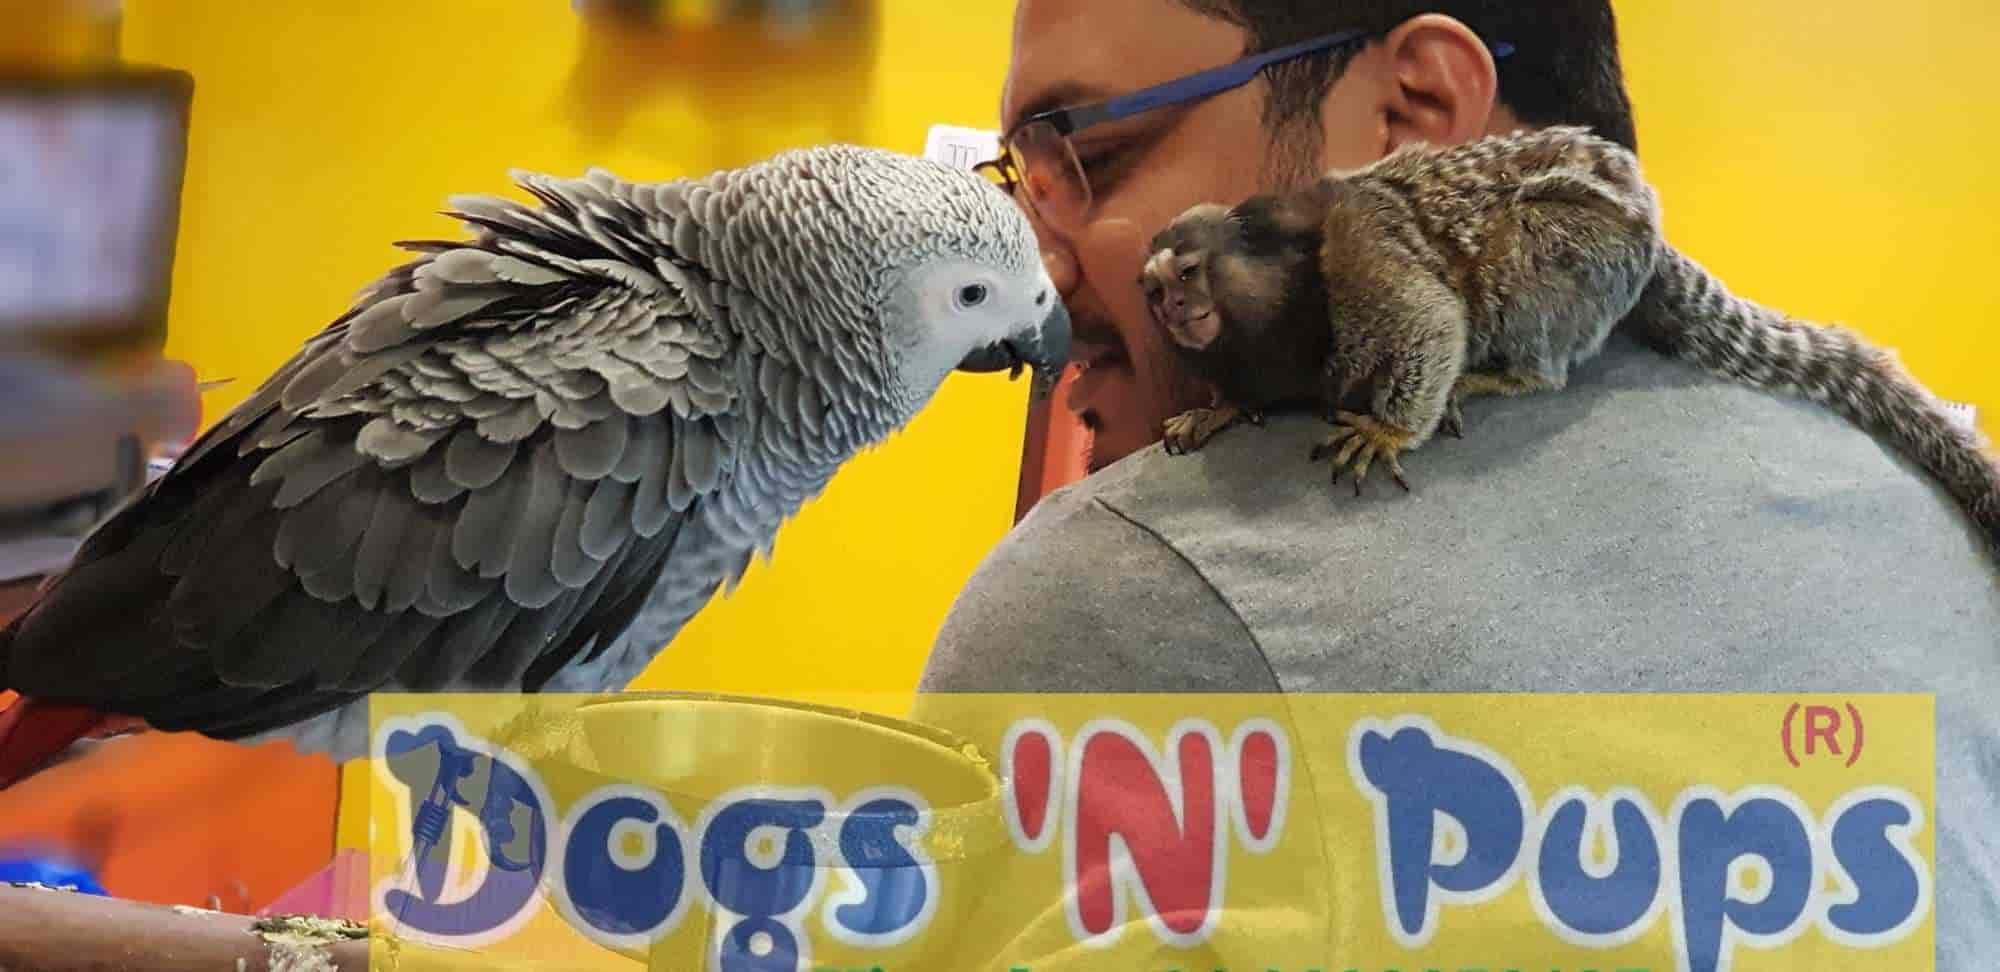 Dogs N Pups, Nerul - Pet Shops in Navi Mumbai, Mumbai - Justdial